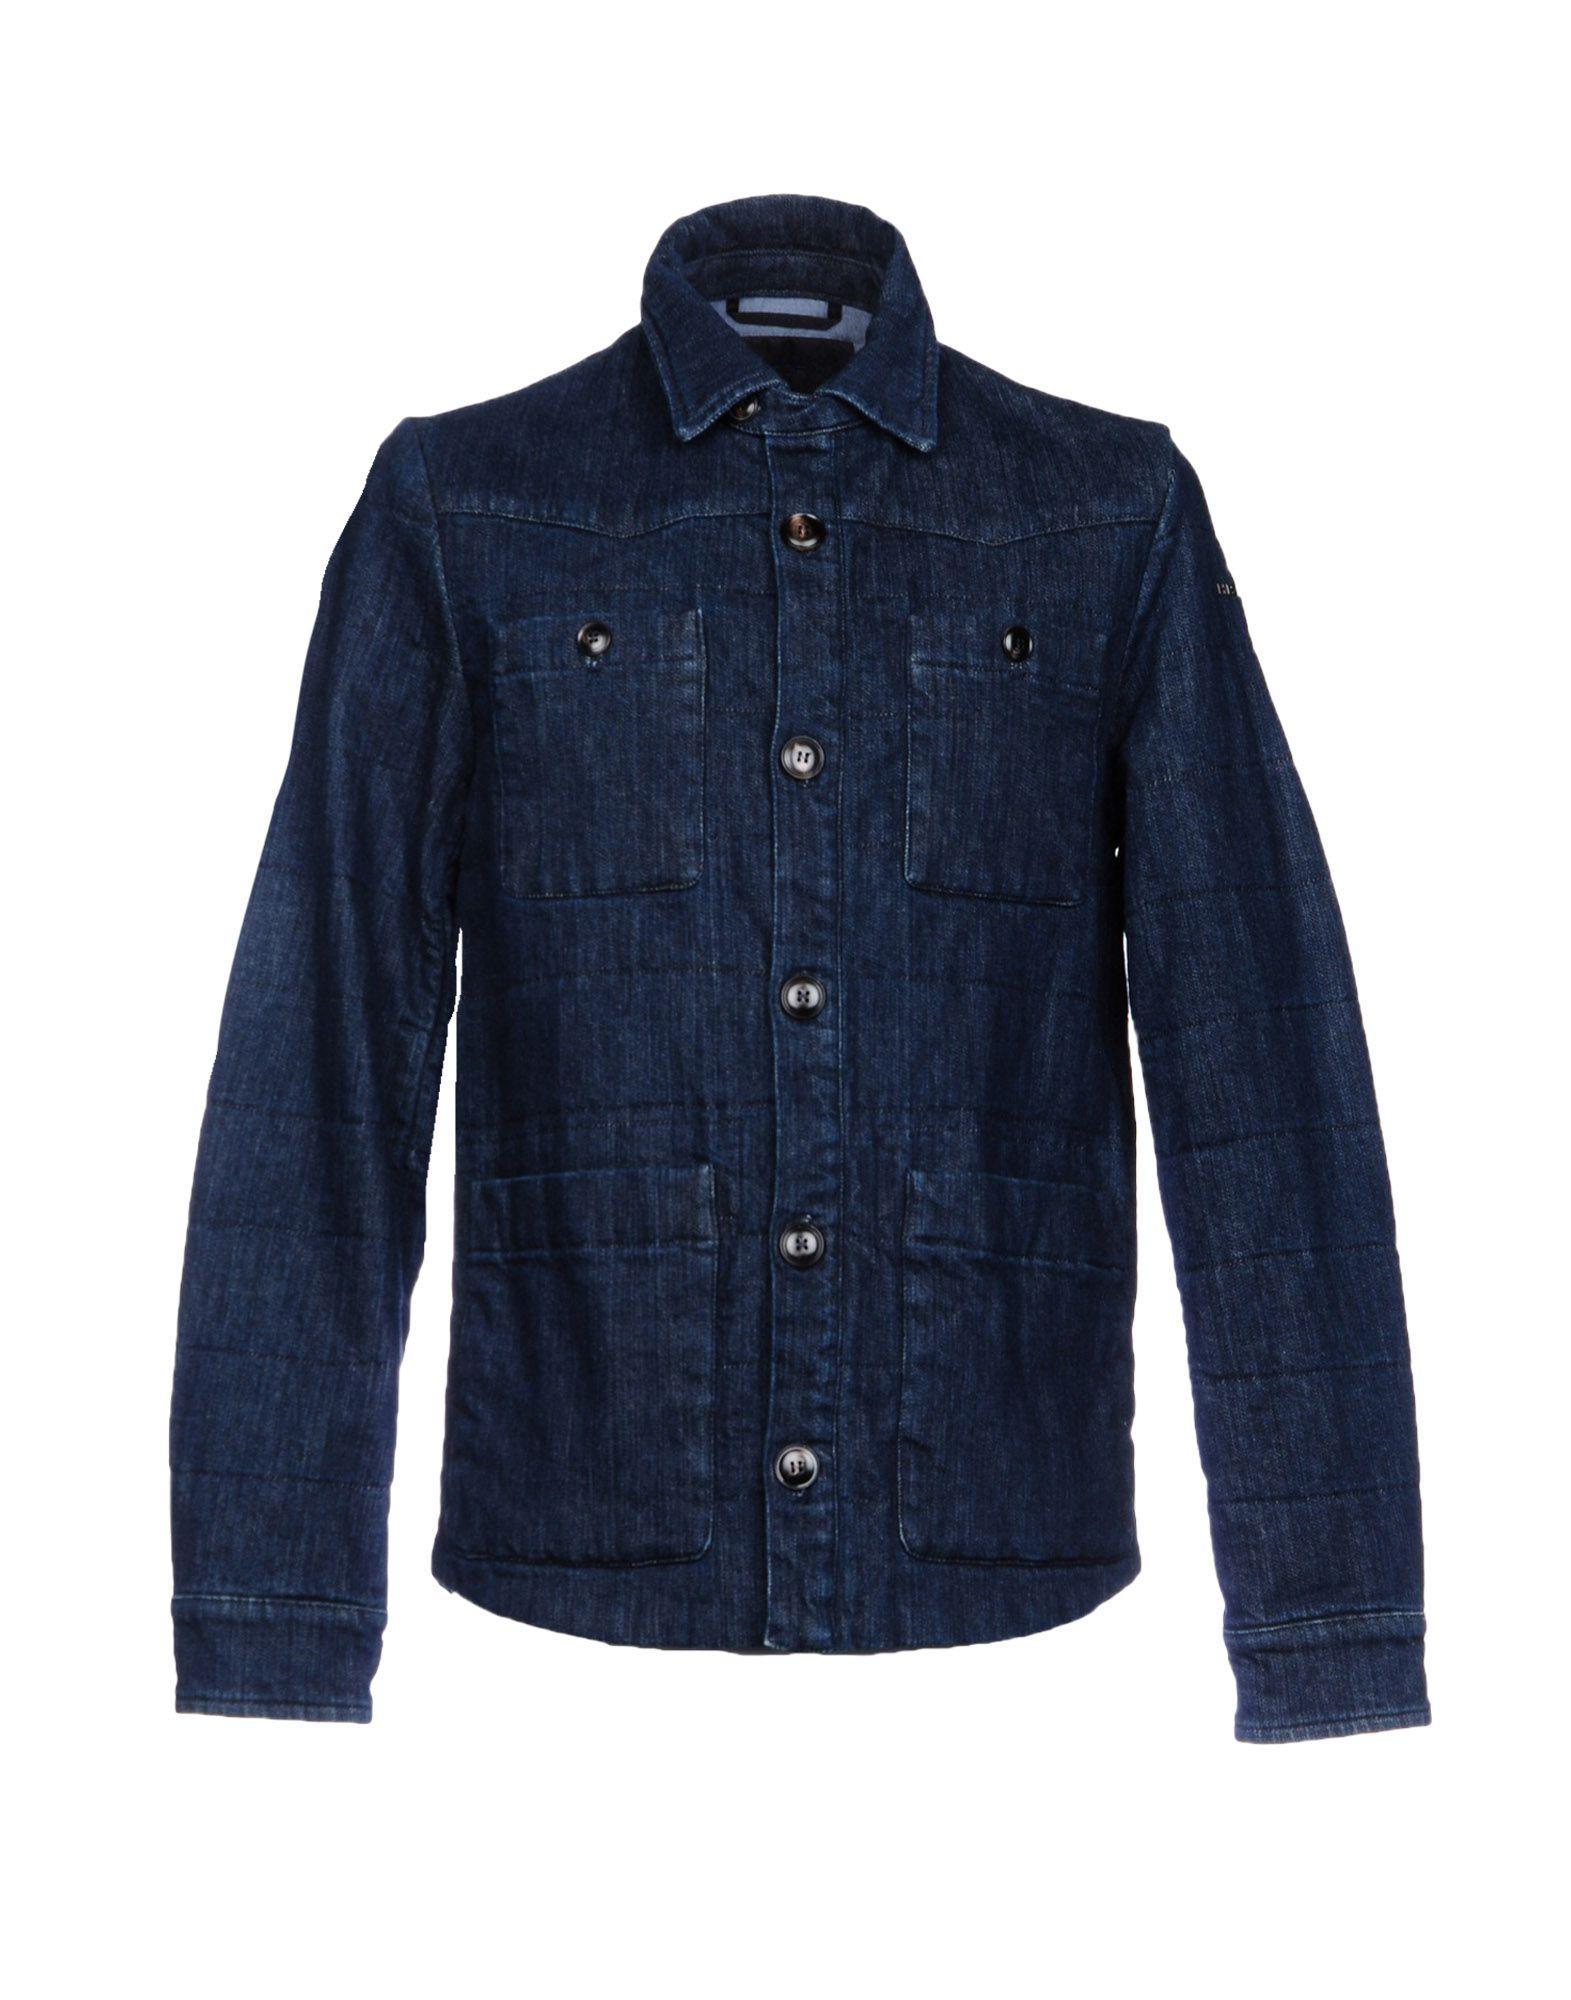 HISTORIC Джинсовая верхняя одежда folk джинсовая верхняя одежда